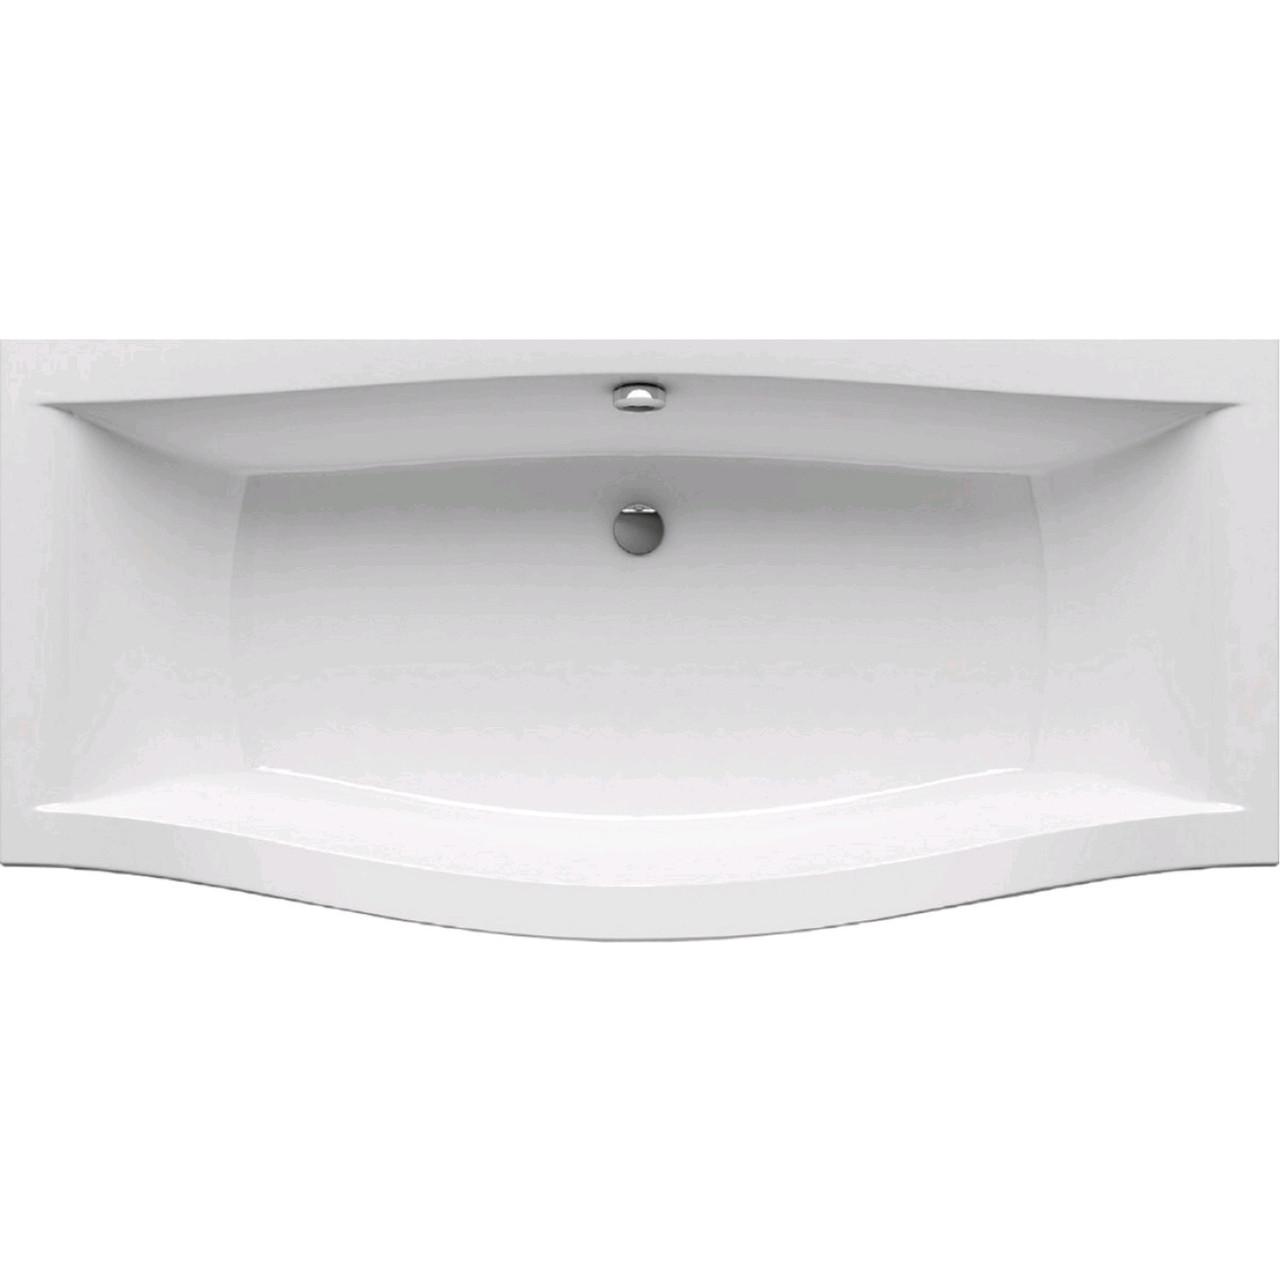 Асимметричная акриловая ванна RAVAK серии Magnolia 1,8х0.75 C601000000